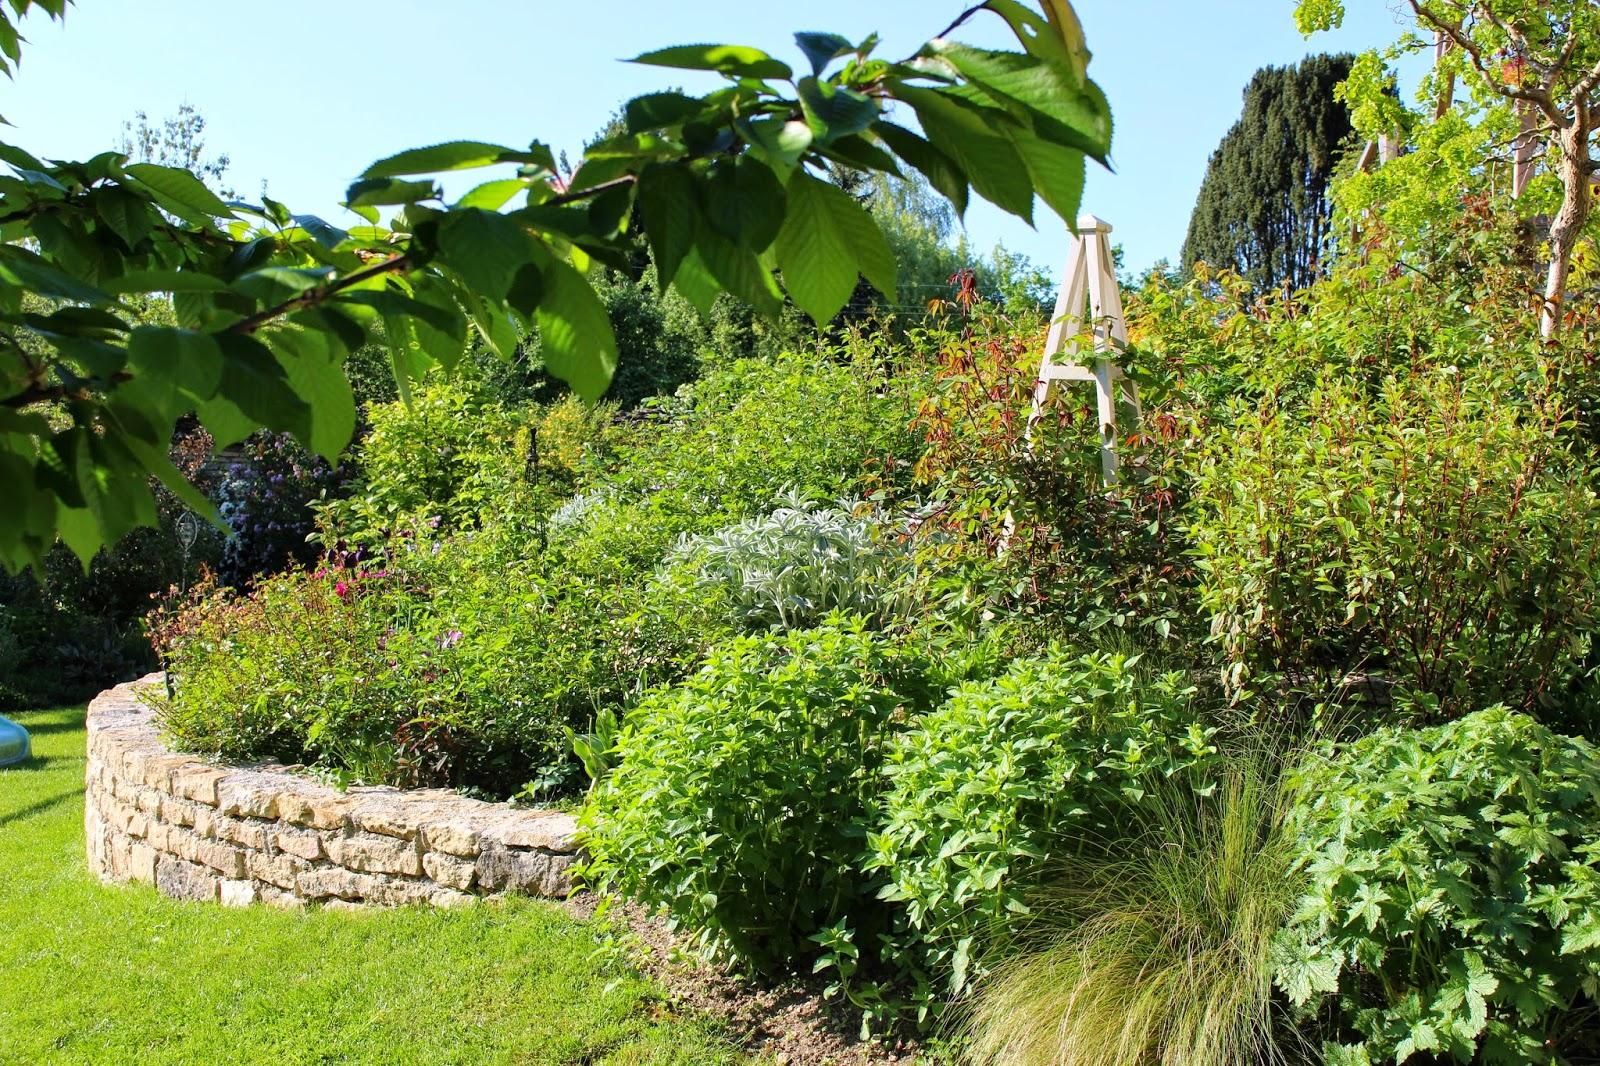 Notre jardin secret le bal est officiellement ouvert for Jardin secret 2015